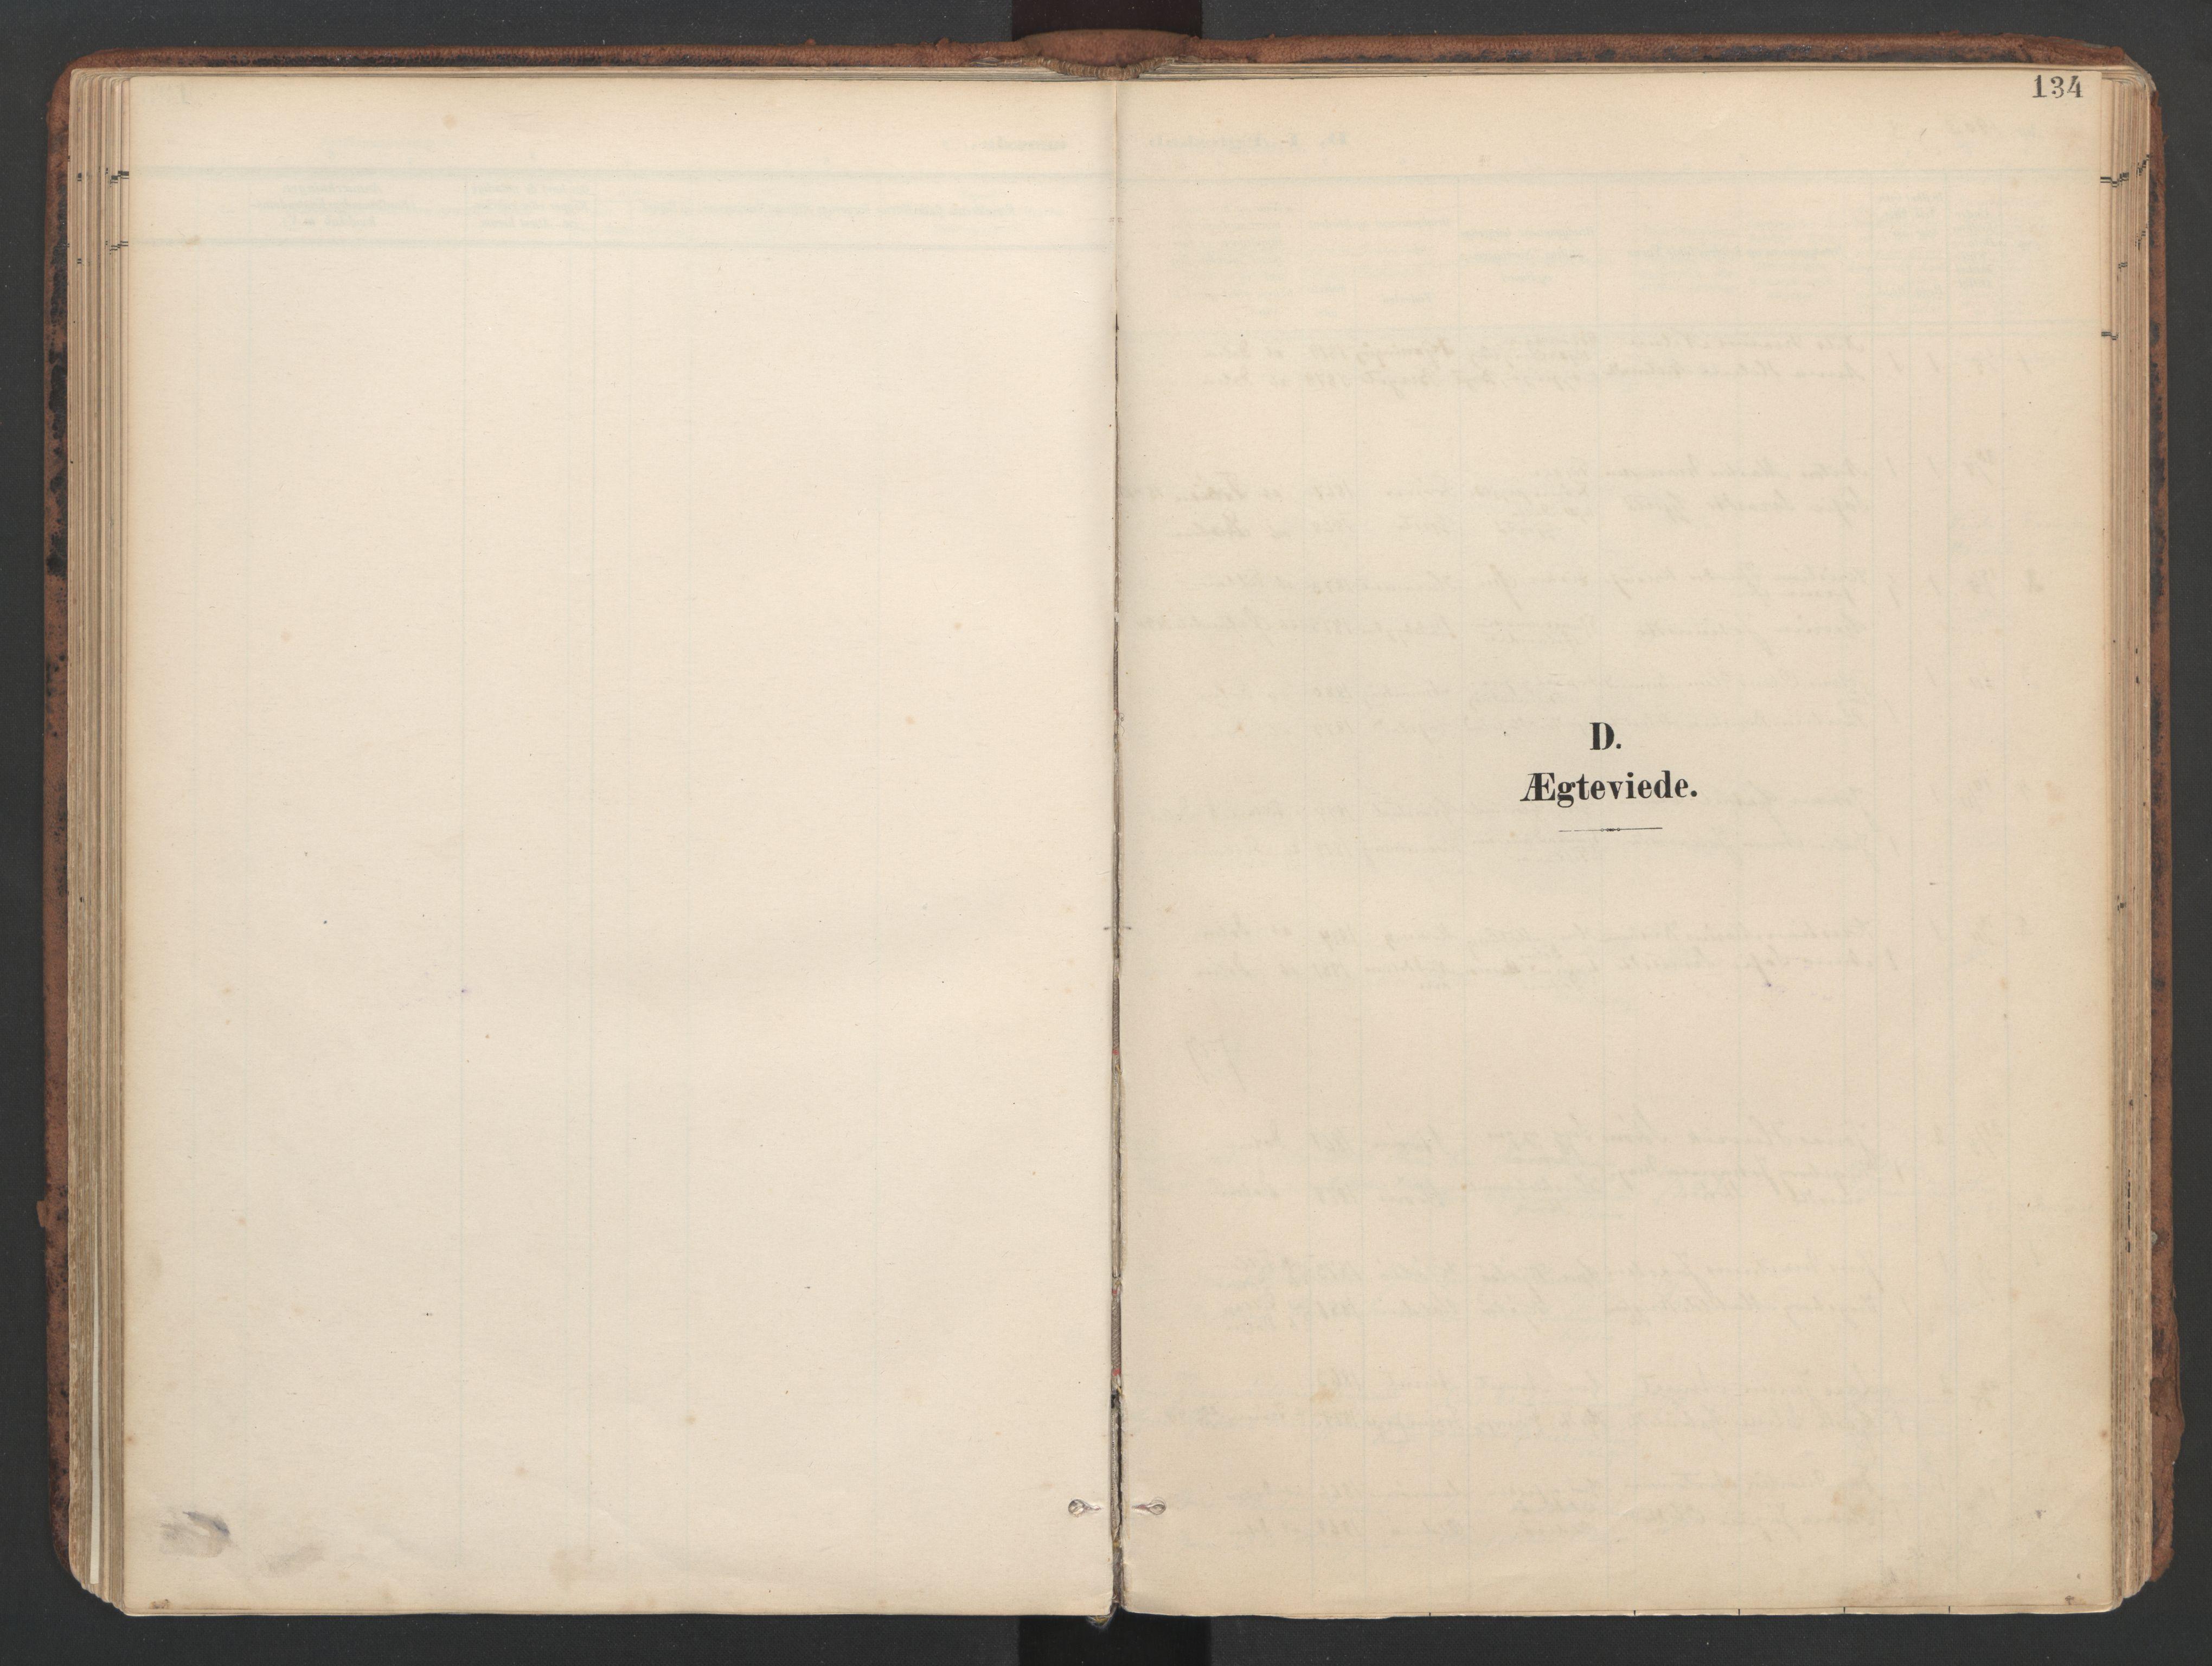 SAT, Ministerialprotokoller, klokkerbøker og fødselsregistre - Sør-Trøndelag, 634/L0537: Ministerialbok nr. 634A13, 1896-1922, s. 134